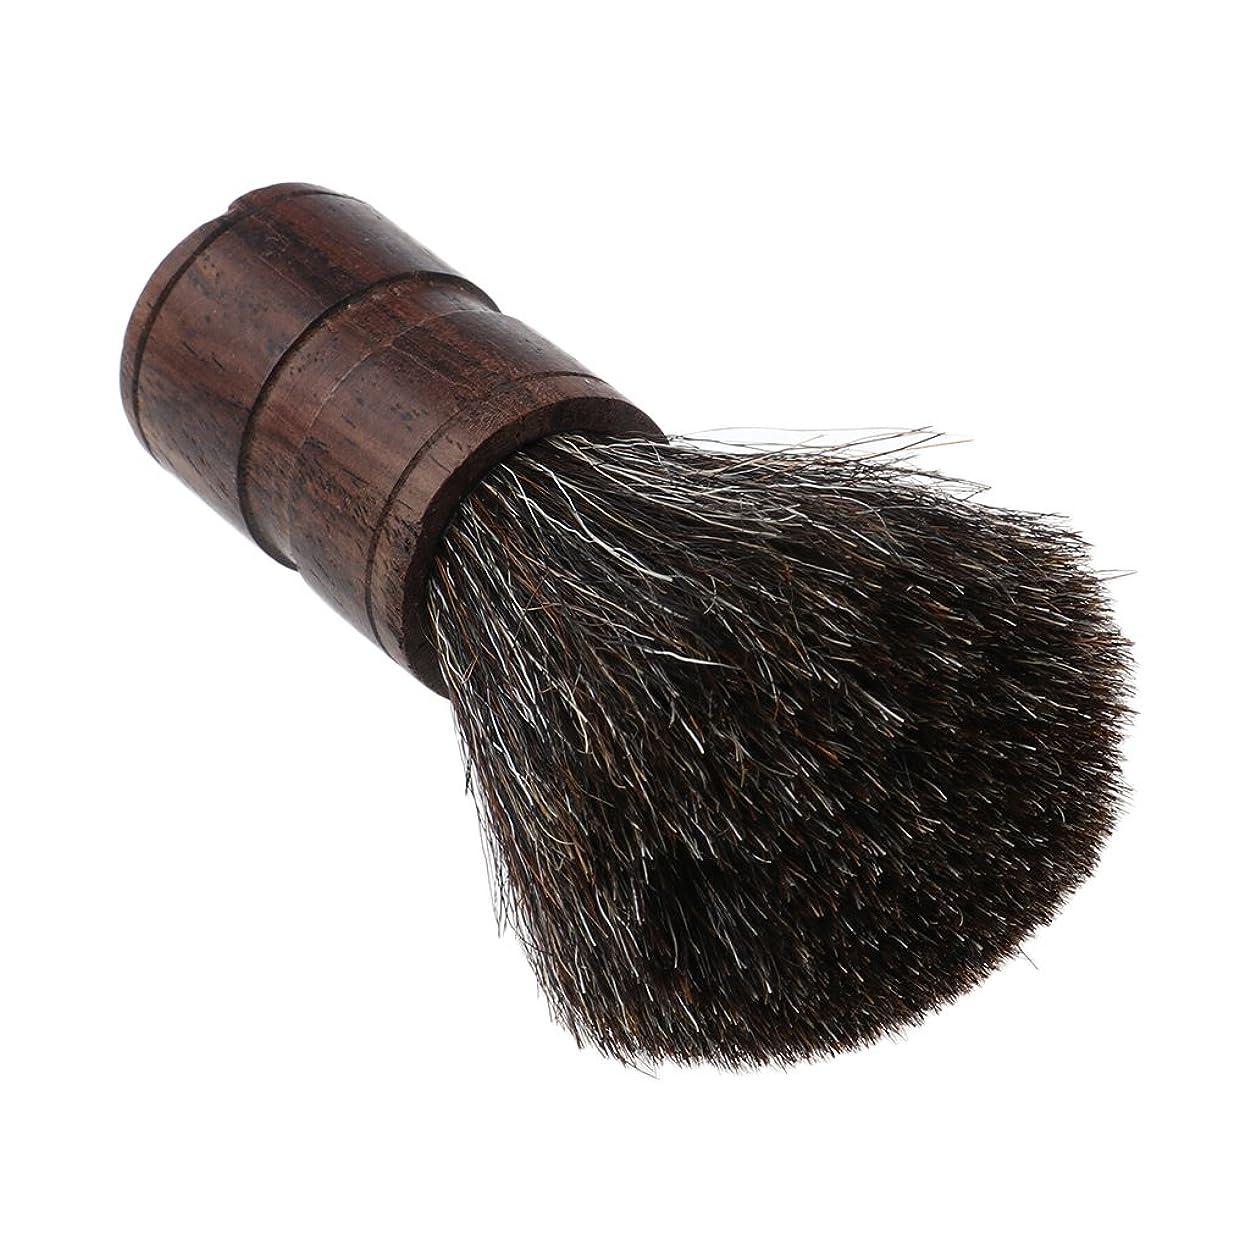 ローブ無駄な申請中CUTICATE 男性の父のギフトの理髪師用具のための優れた木製のドルの剃るひげのブラシ